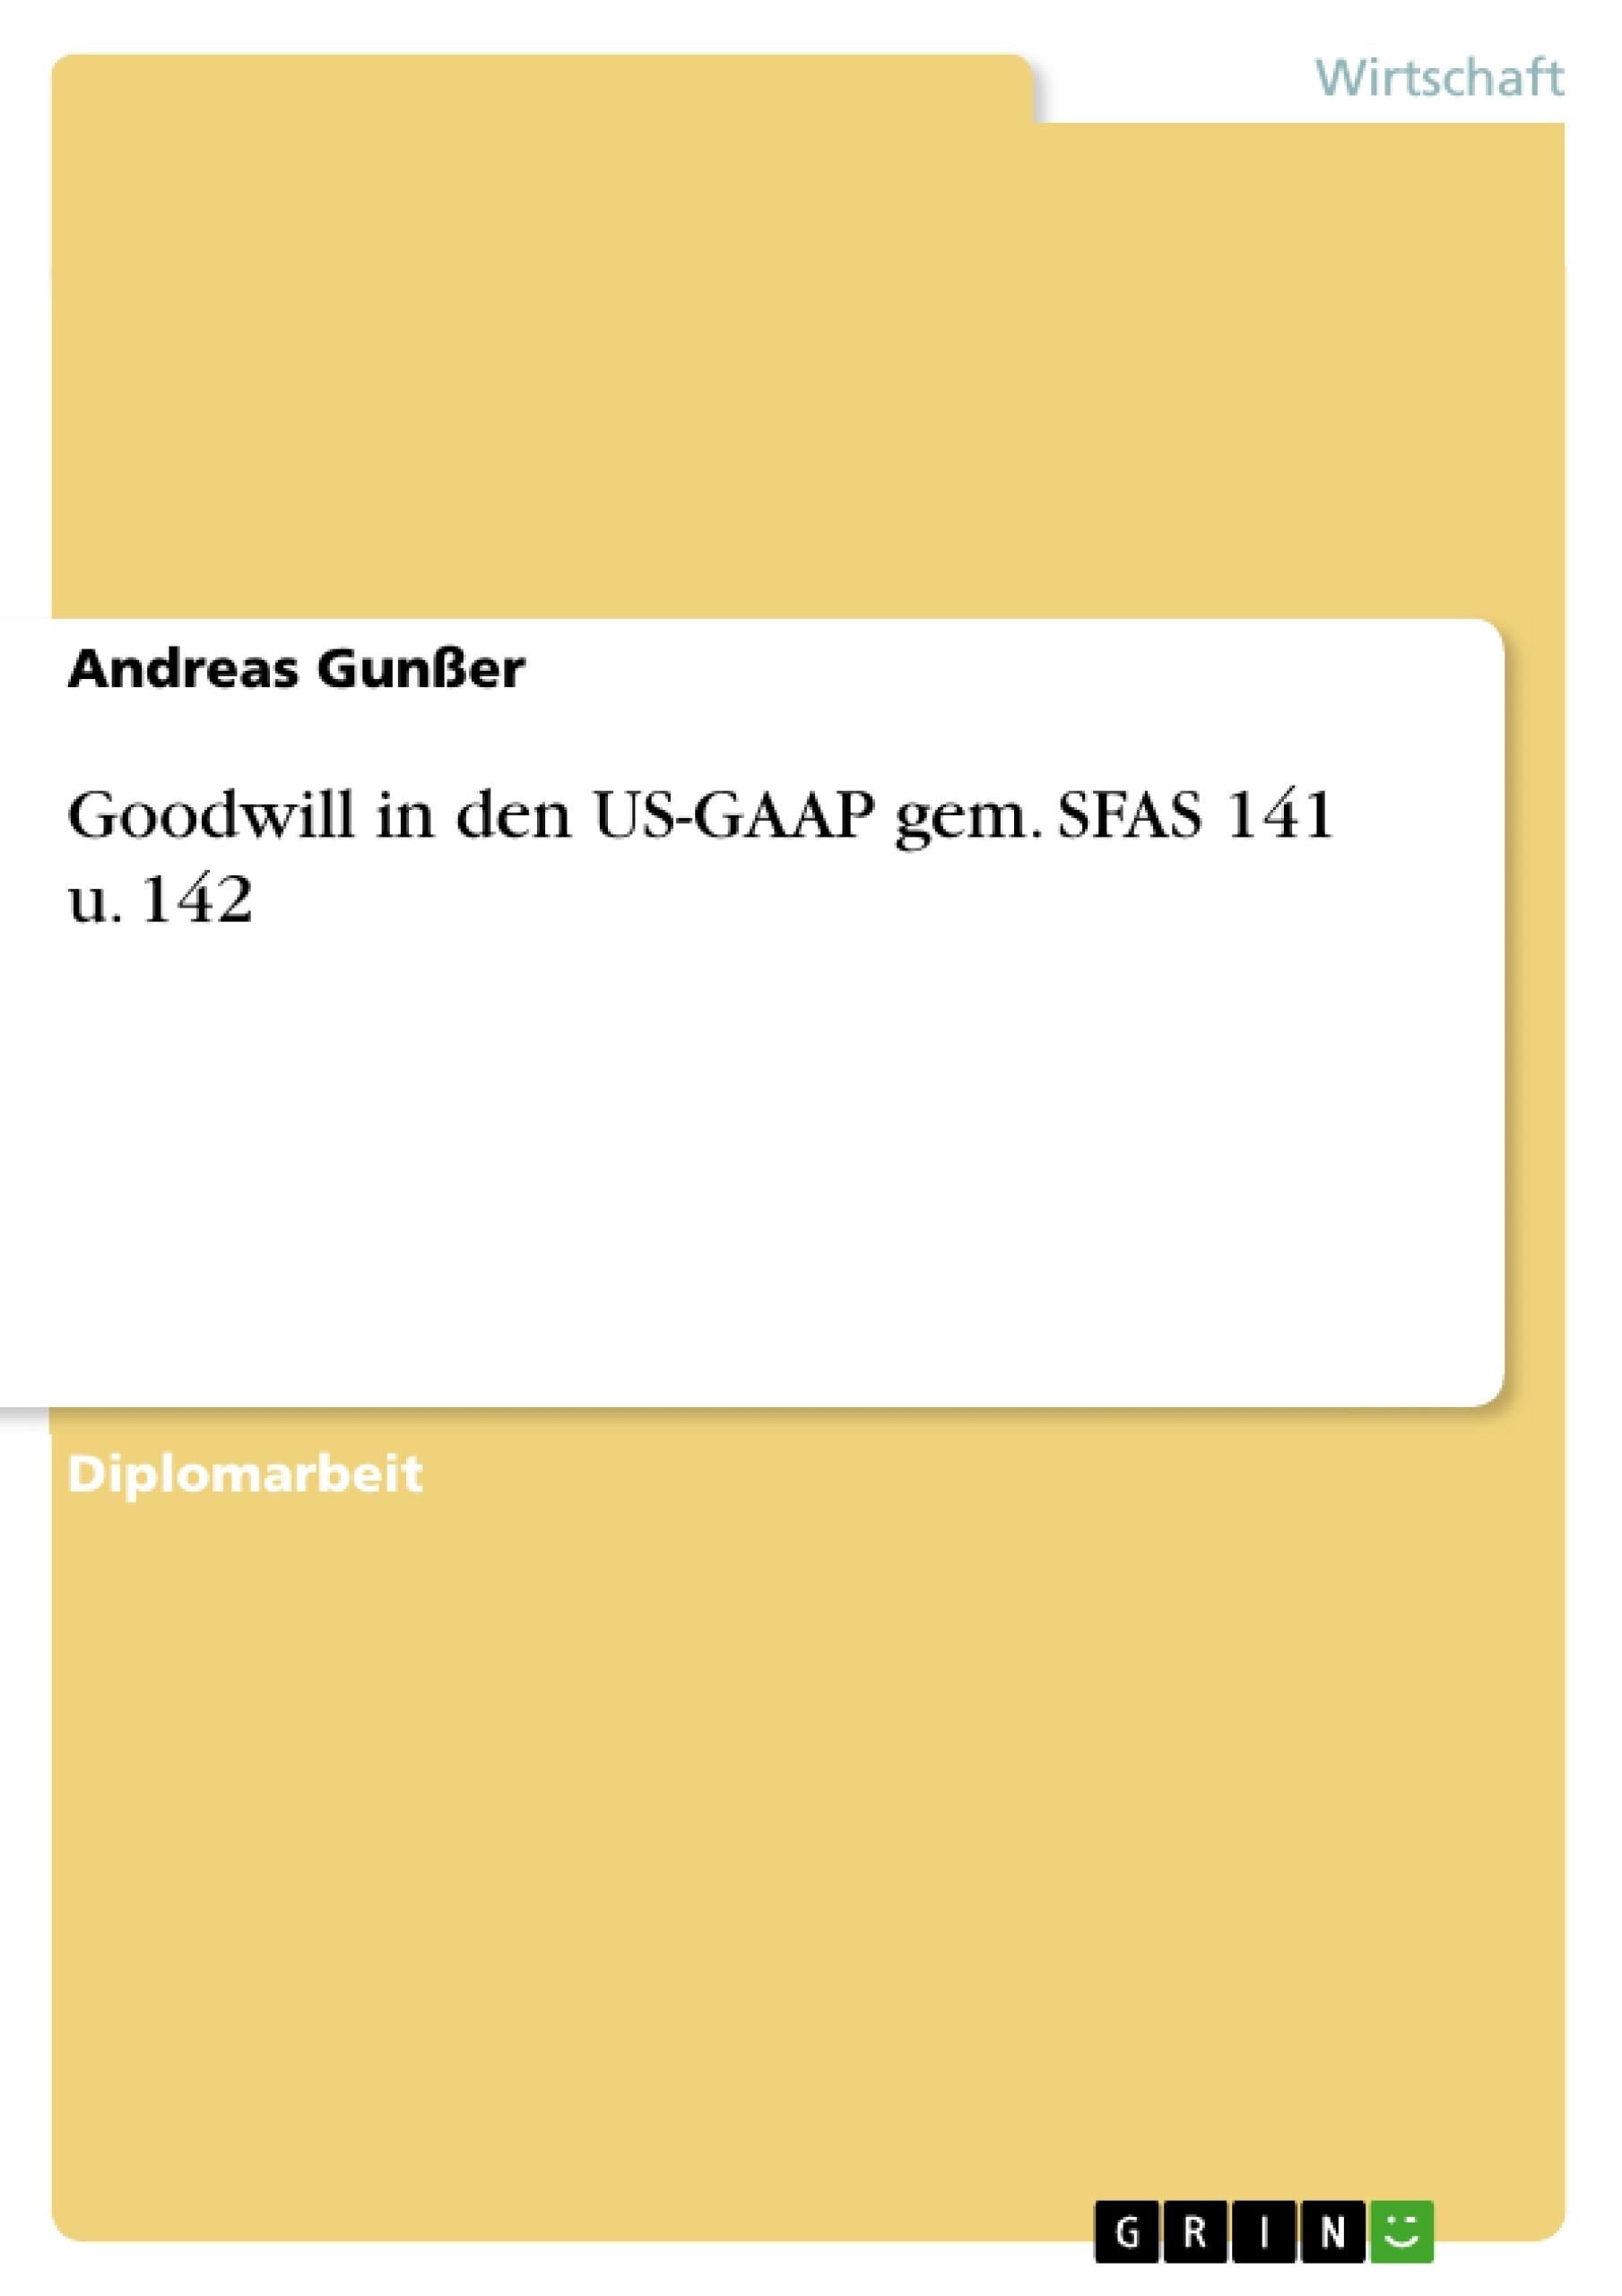 Titel: Goodwill in den US-GAAP gem. SFAS 141 u. 142